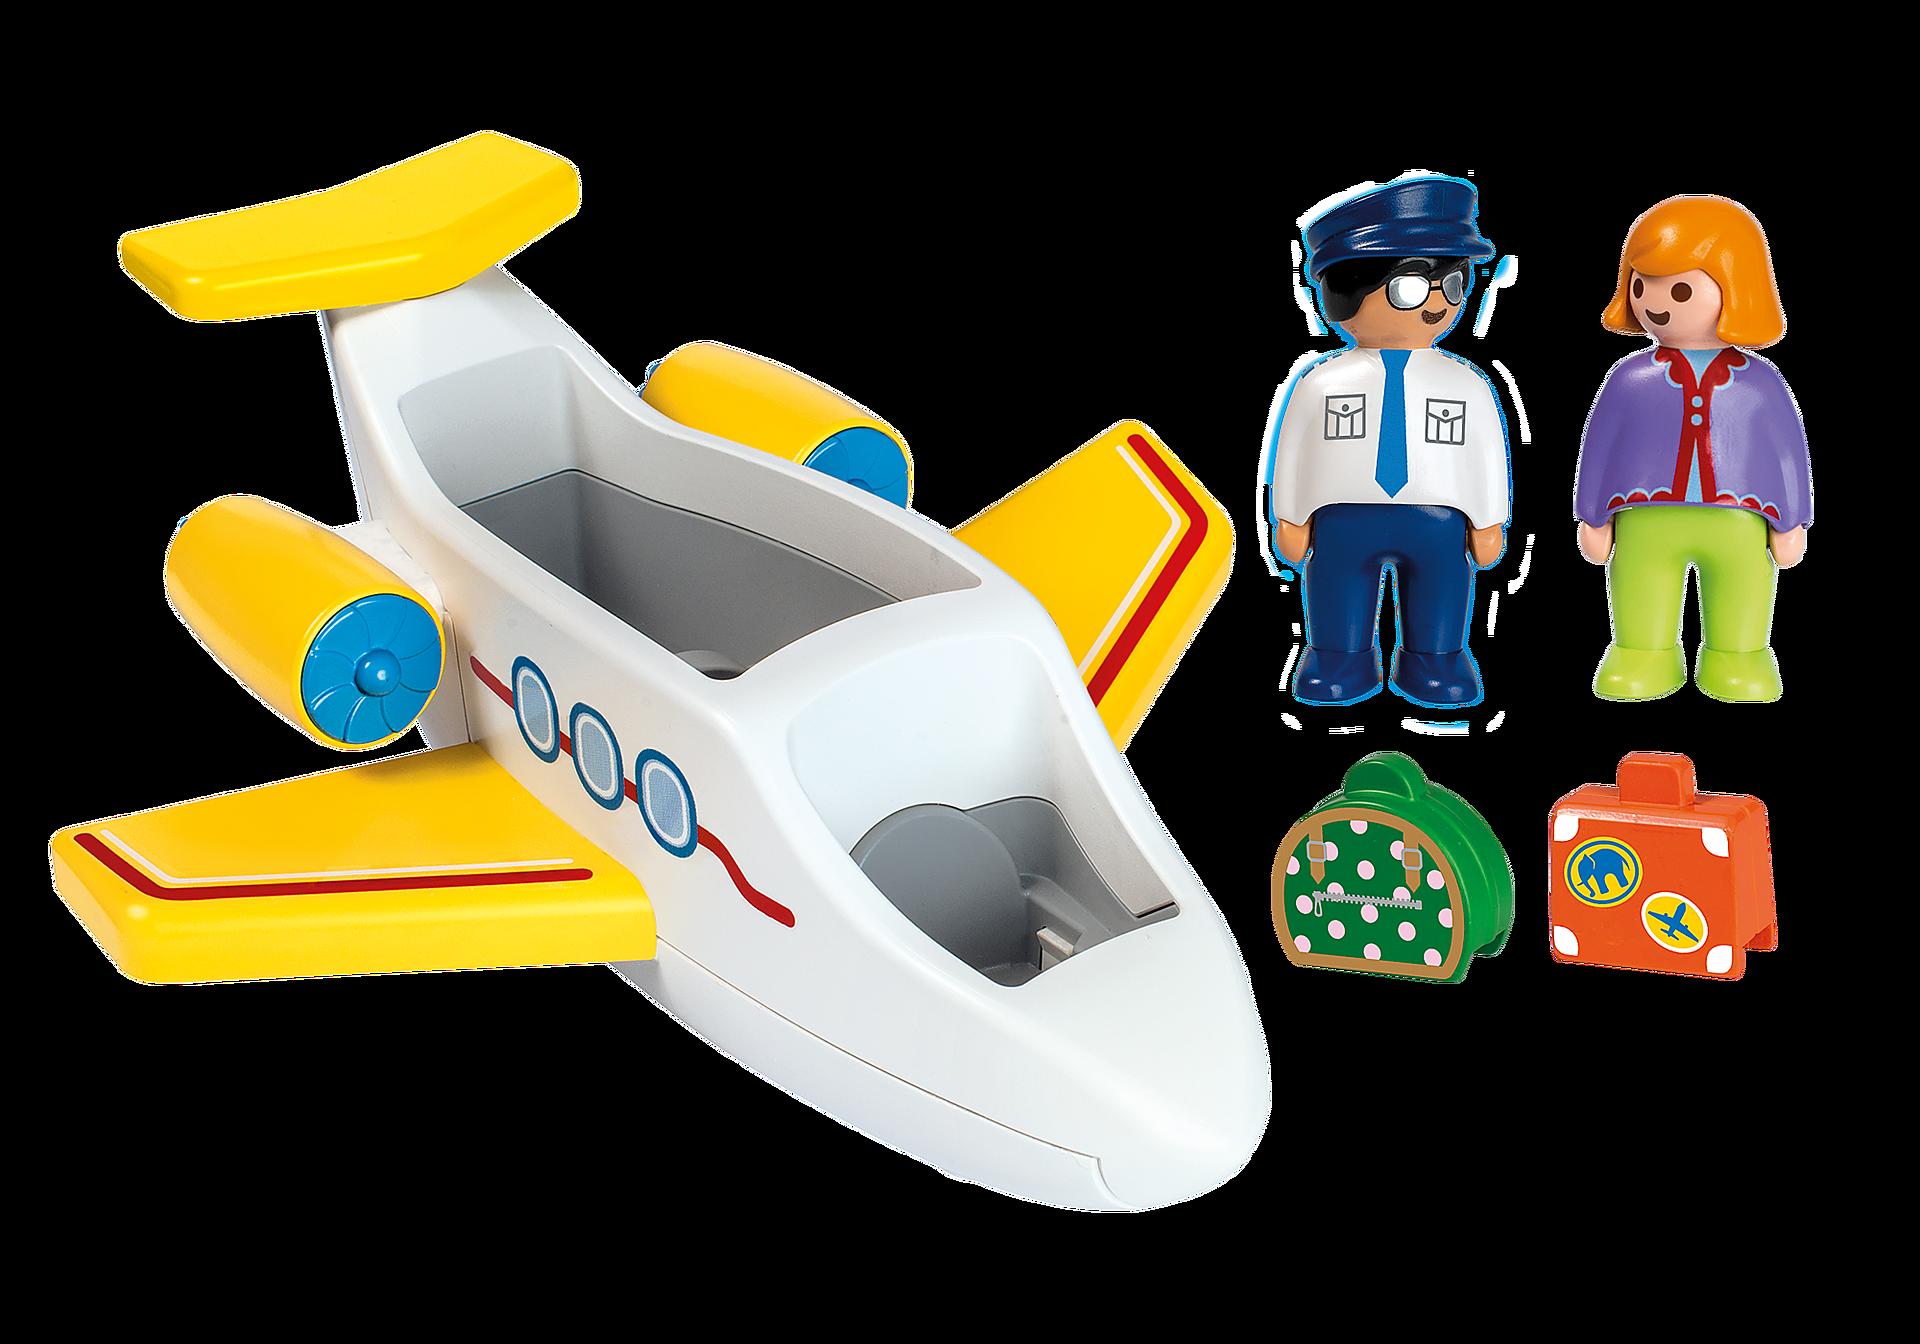 70185 Avion avec pilote et vacancière zoom image3